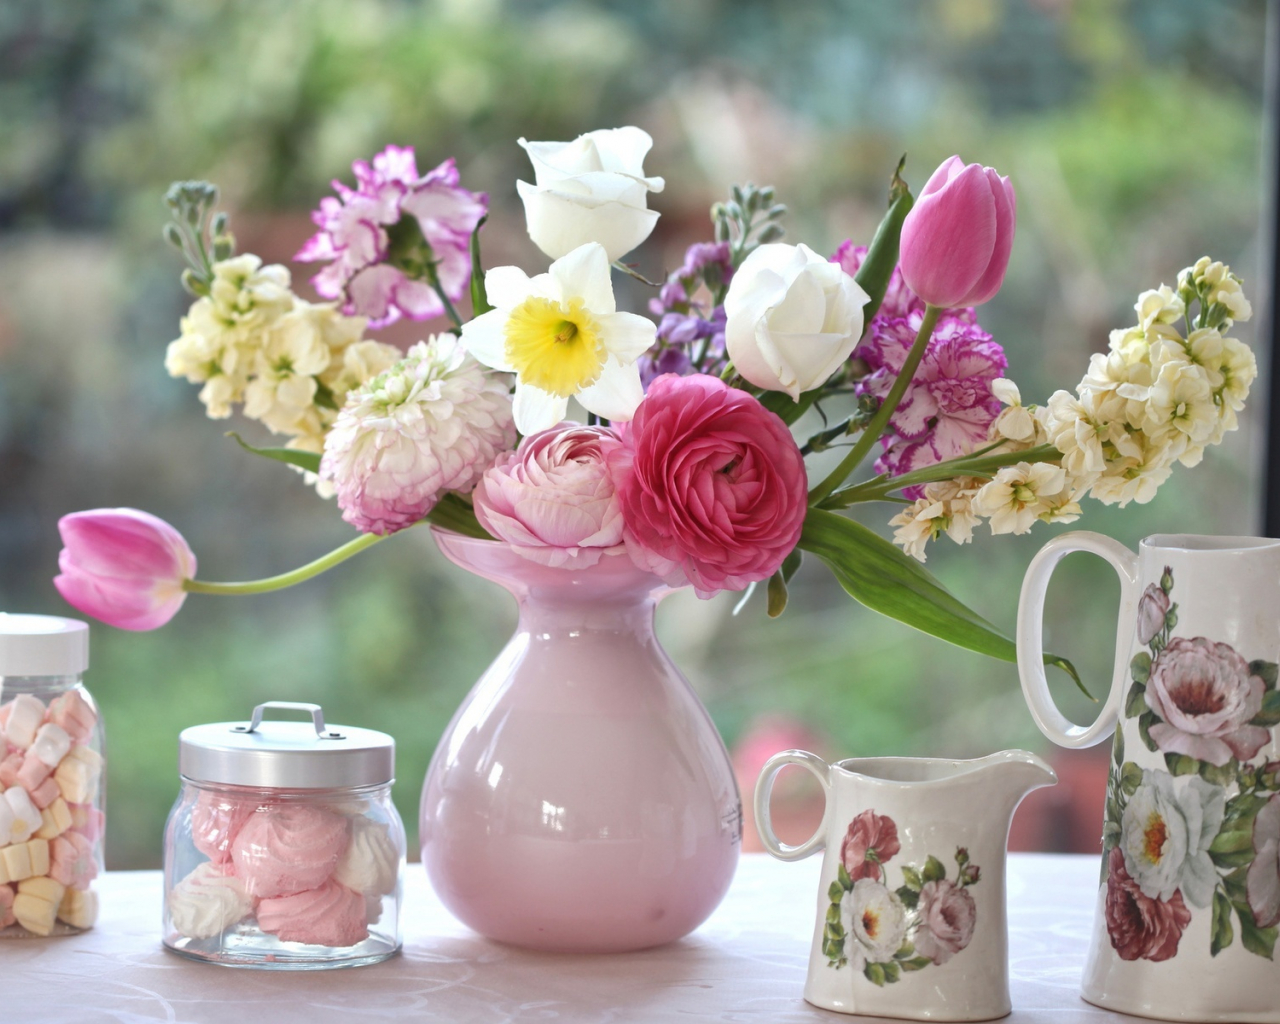 открытка доброе утро большие цветы марта солнца цветов